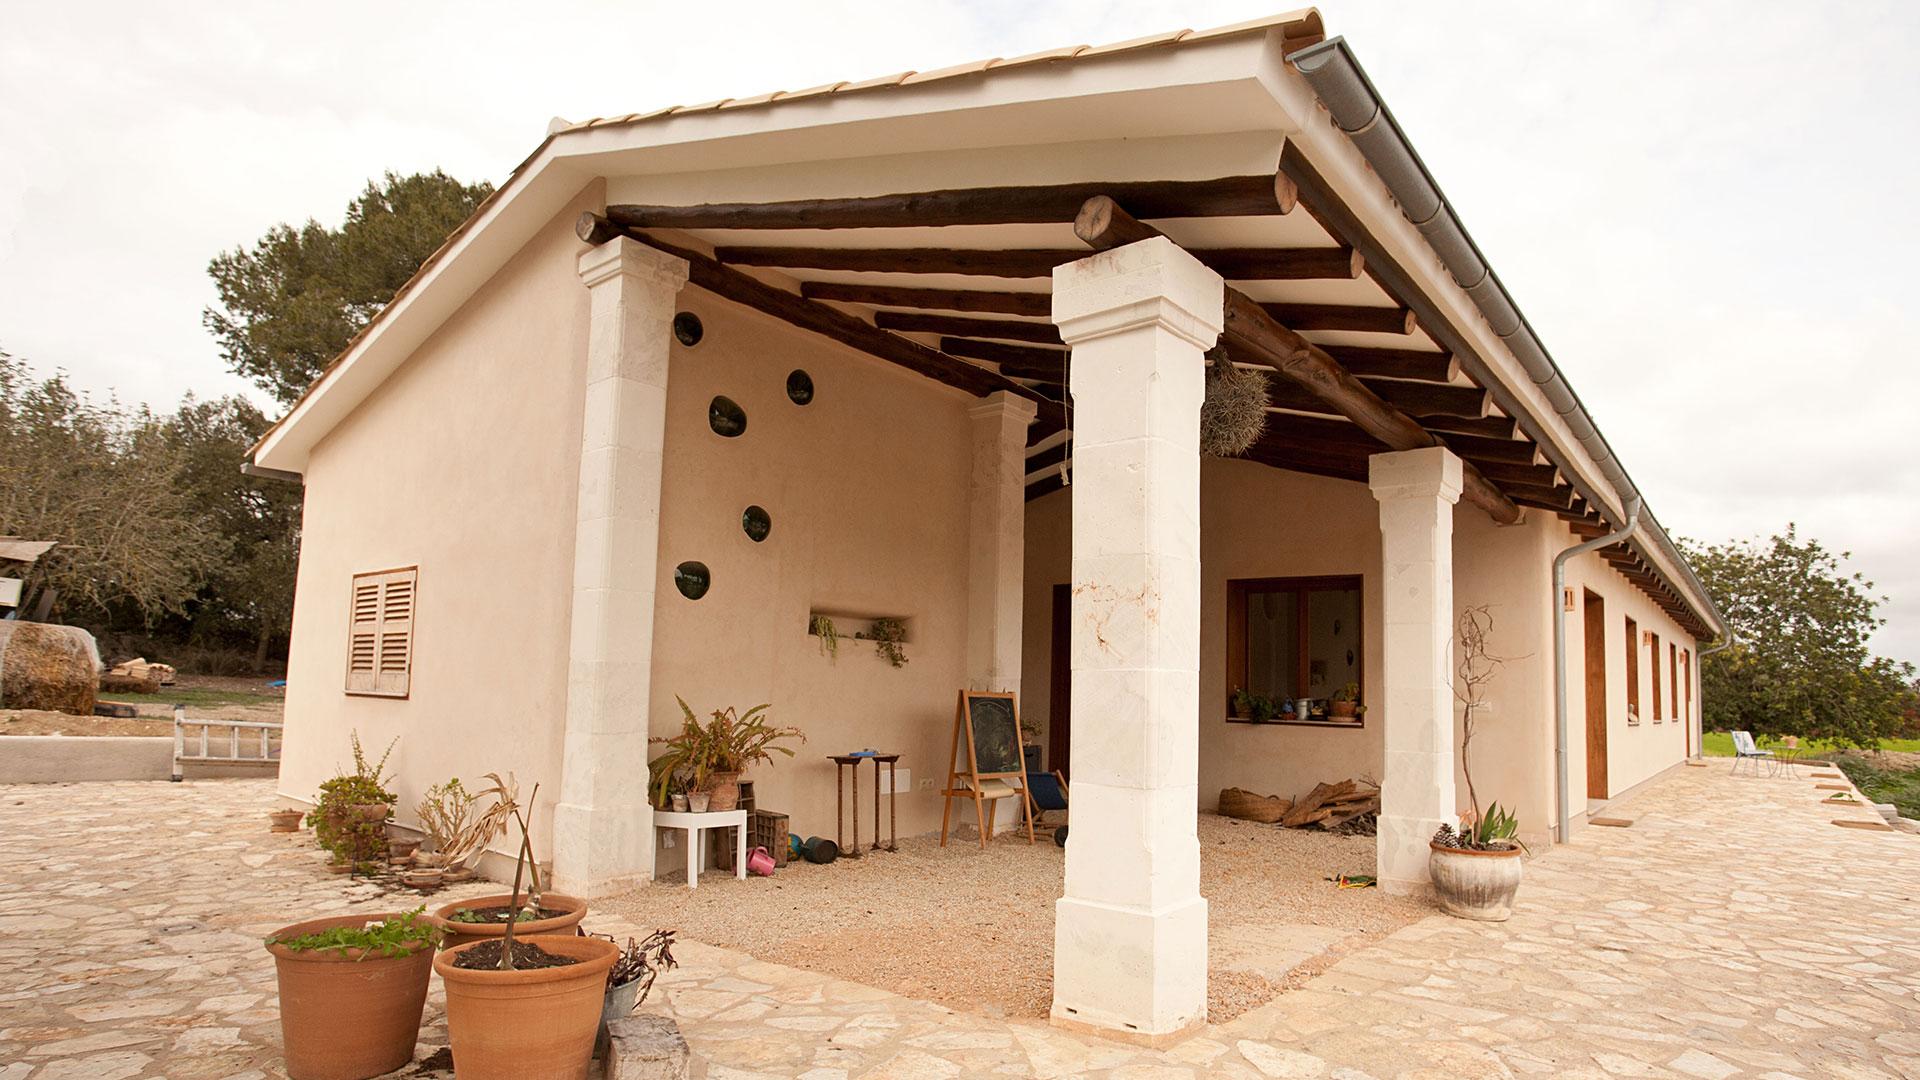 Rafael Sala -Arquitectura sostenible y saludable. Casas de paja, eficiencia energetica. Casa de paja en Porreras, Mallorca.